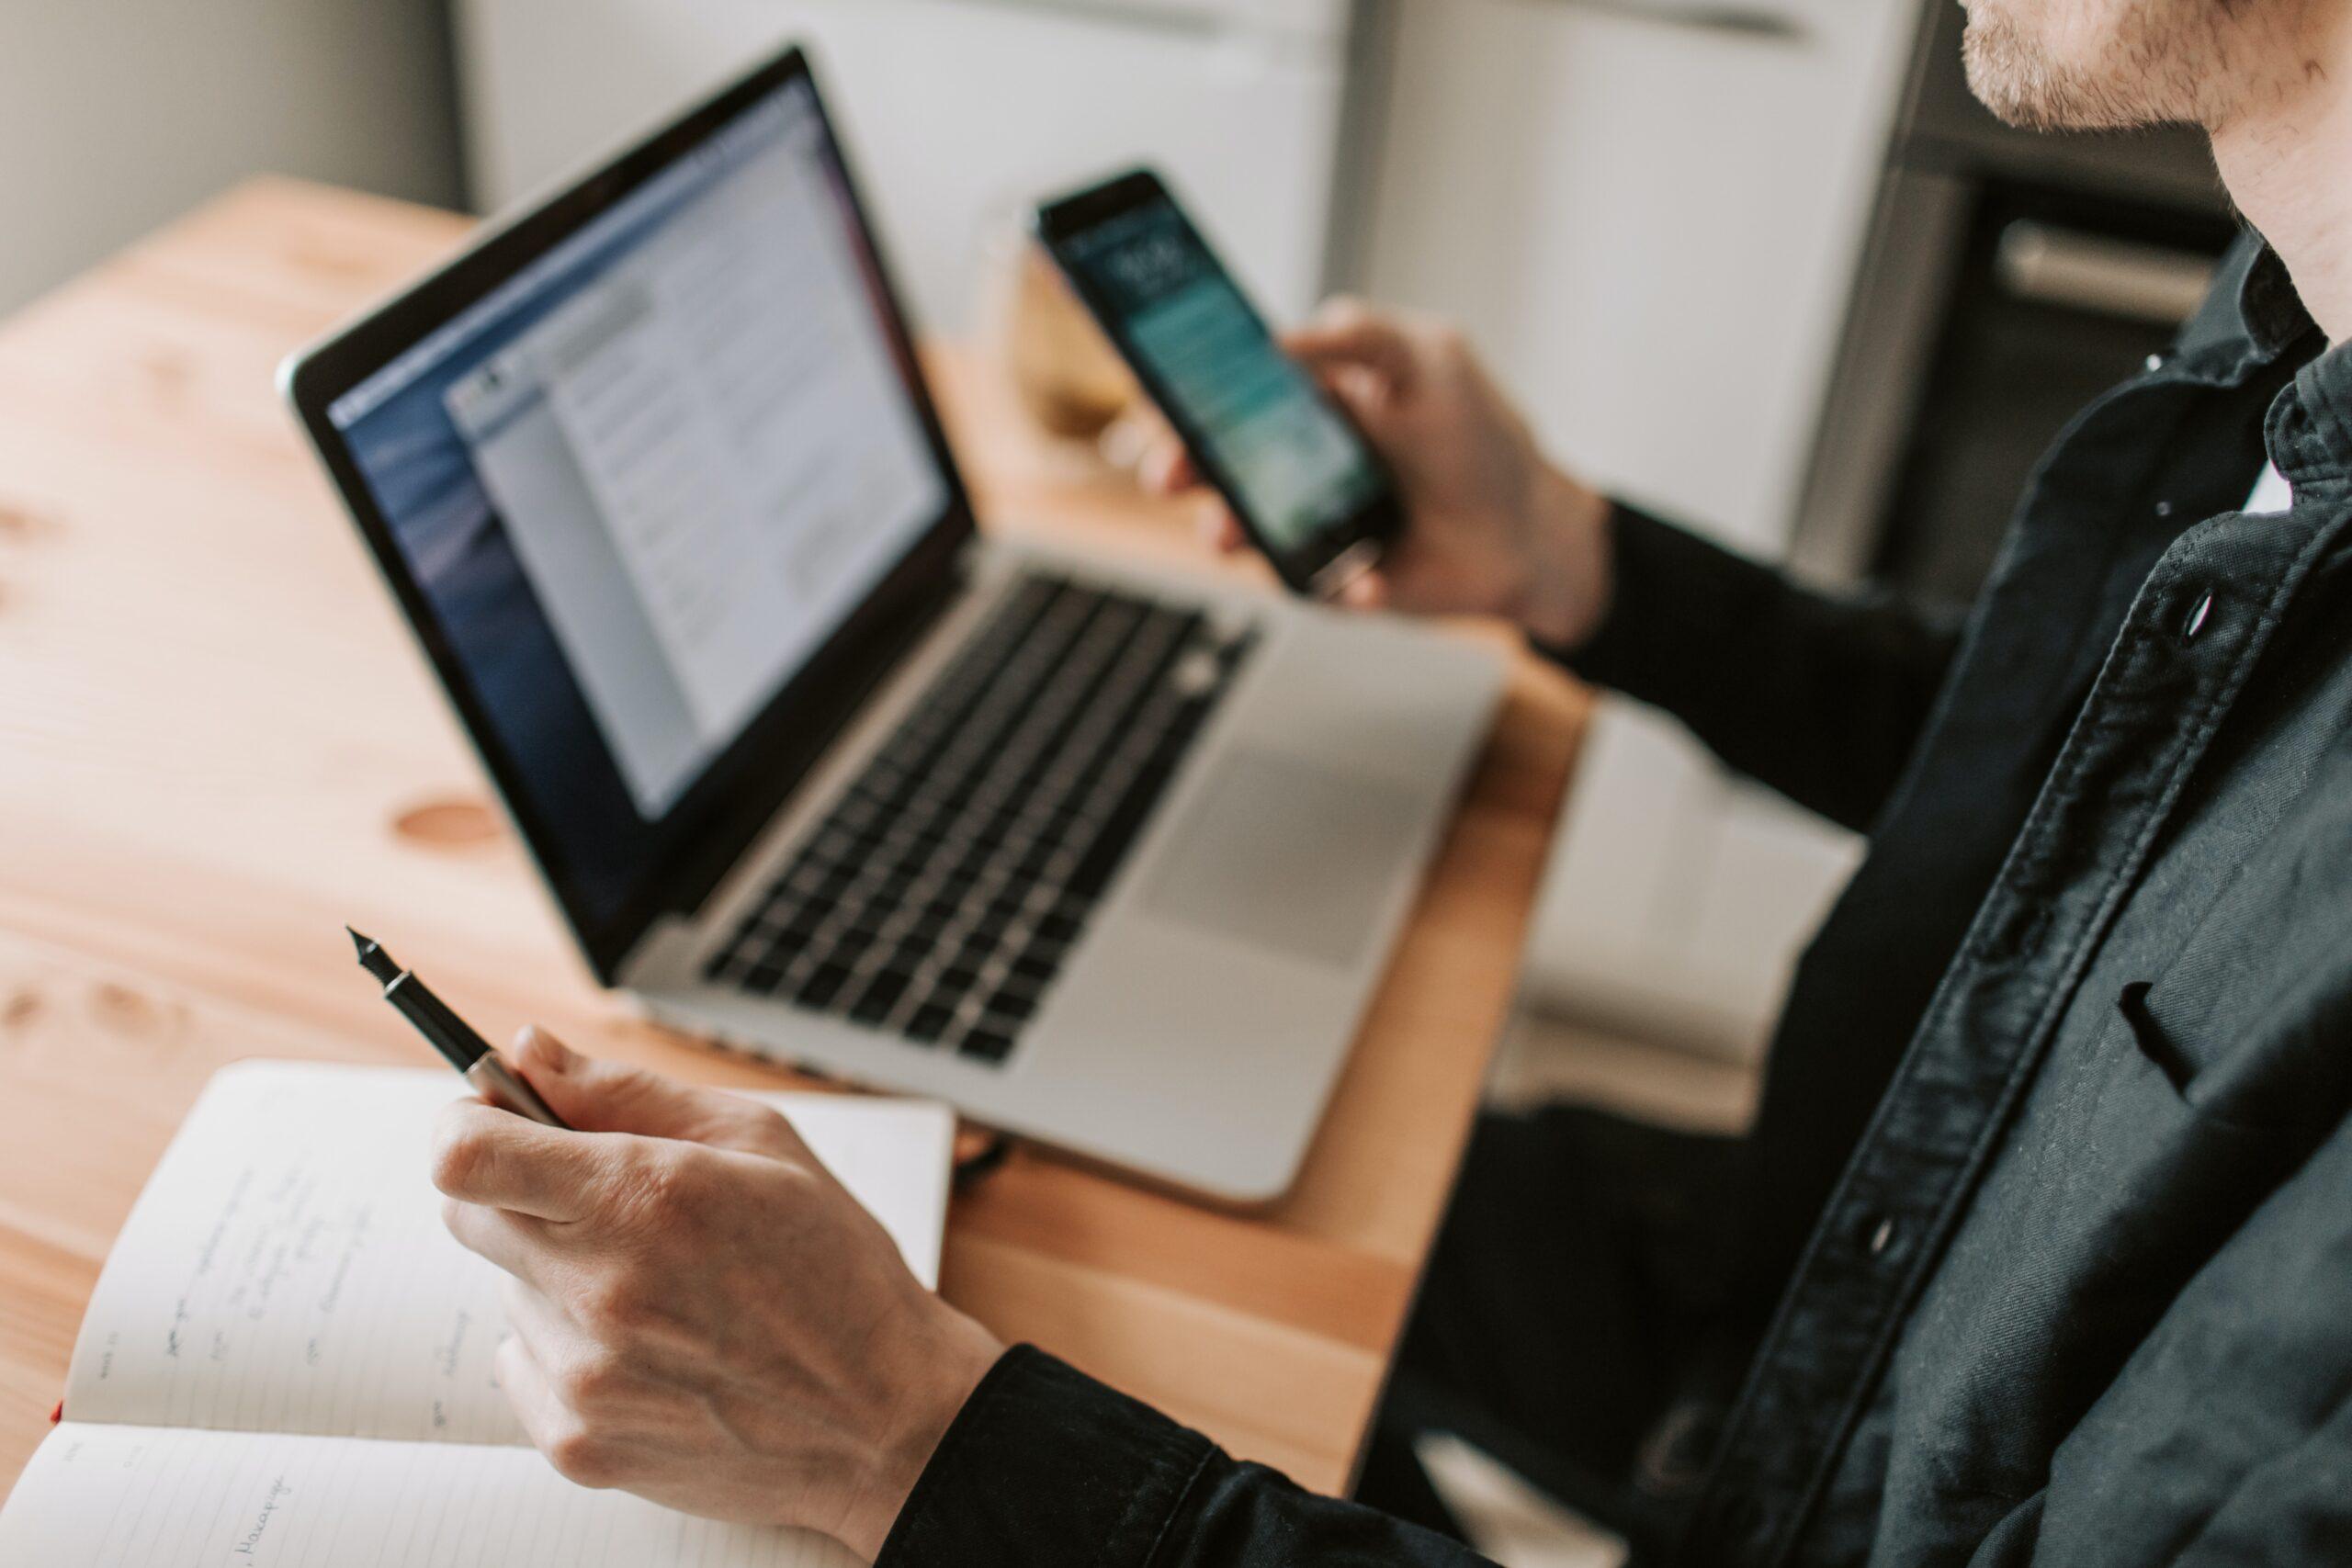 Kommunikation am Arbeitsplatz – Worauf kommt es an?